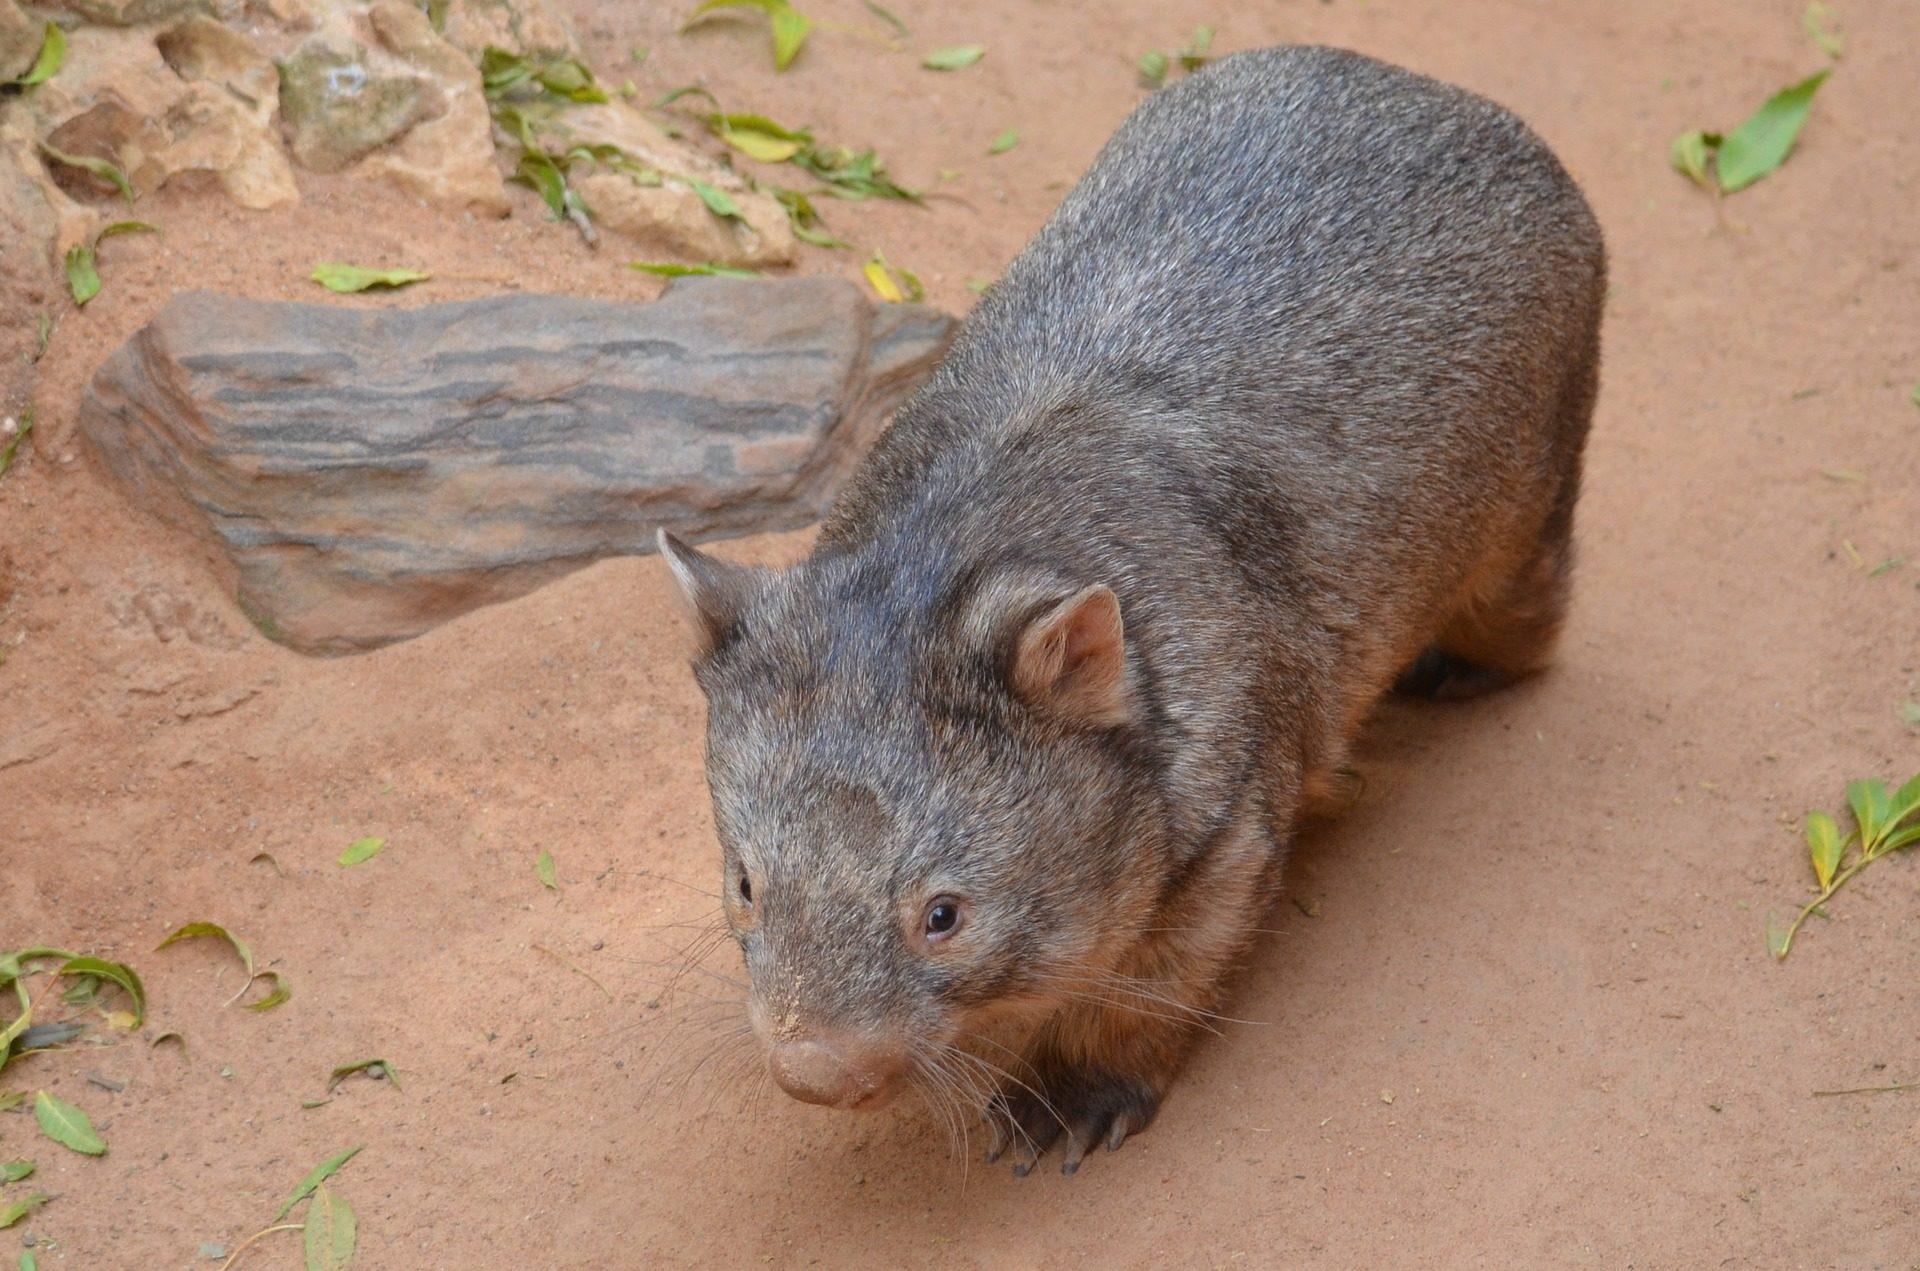 Wombat, mammifero, rari, fauna, Australia, marsupiale - Sfondi HD - Professor-falken.com